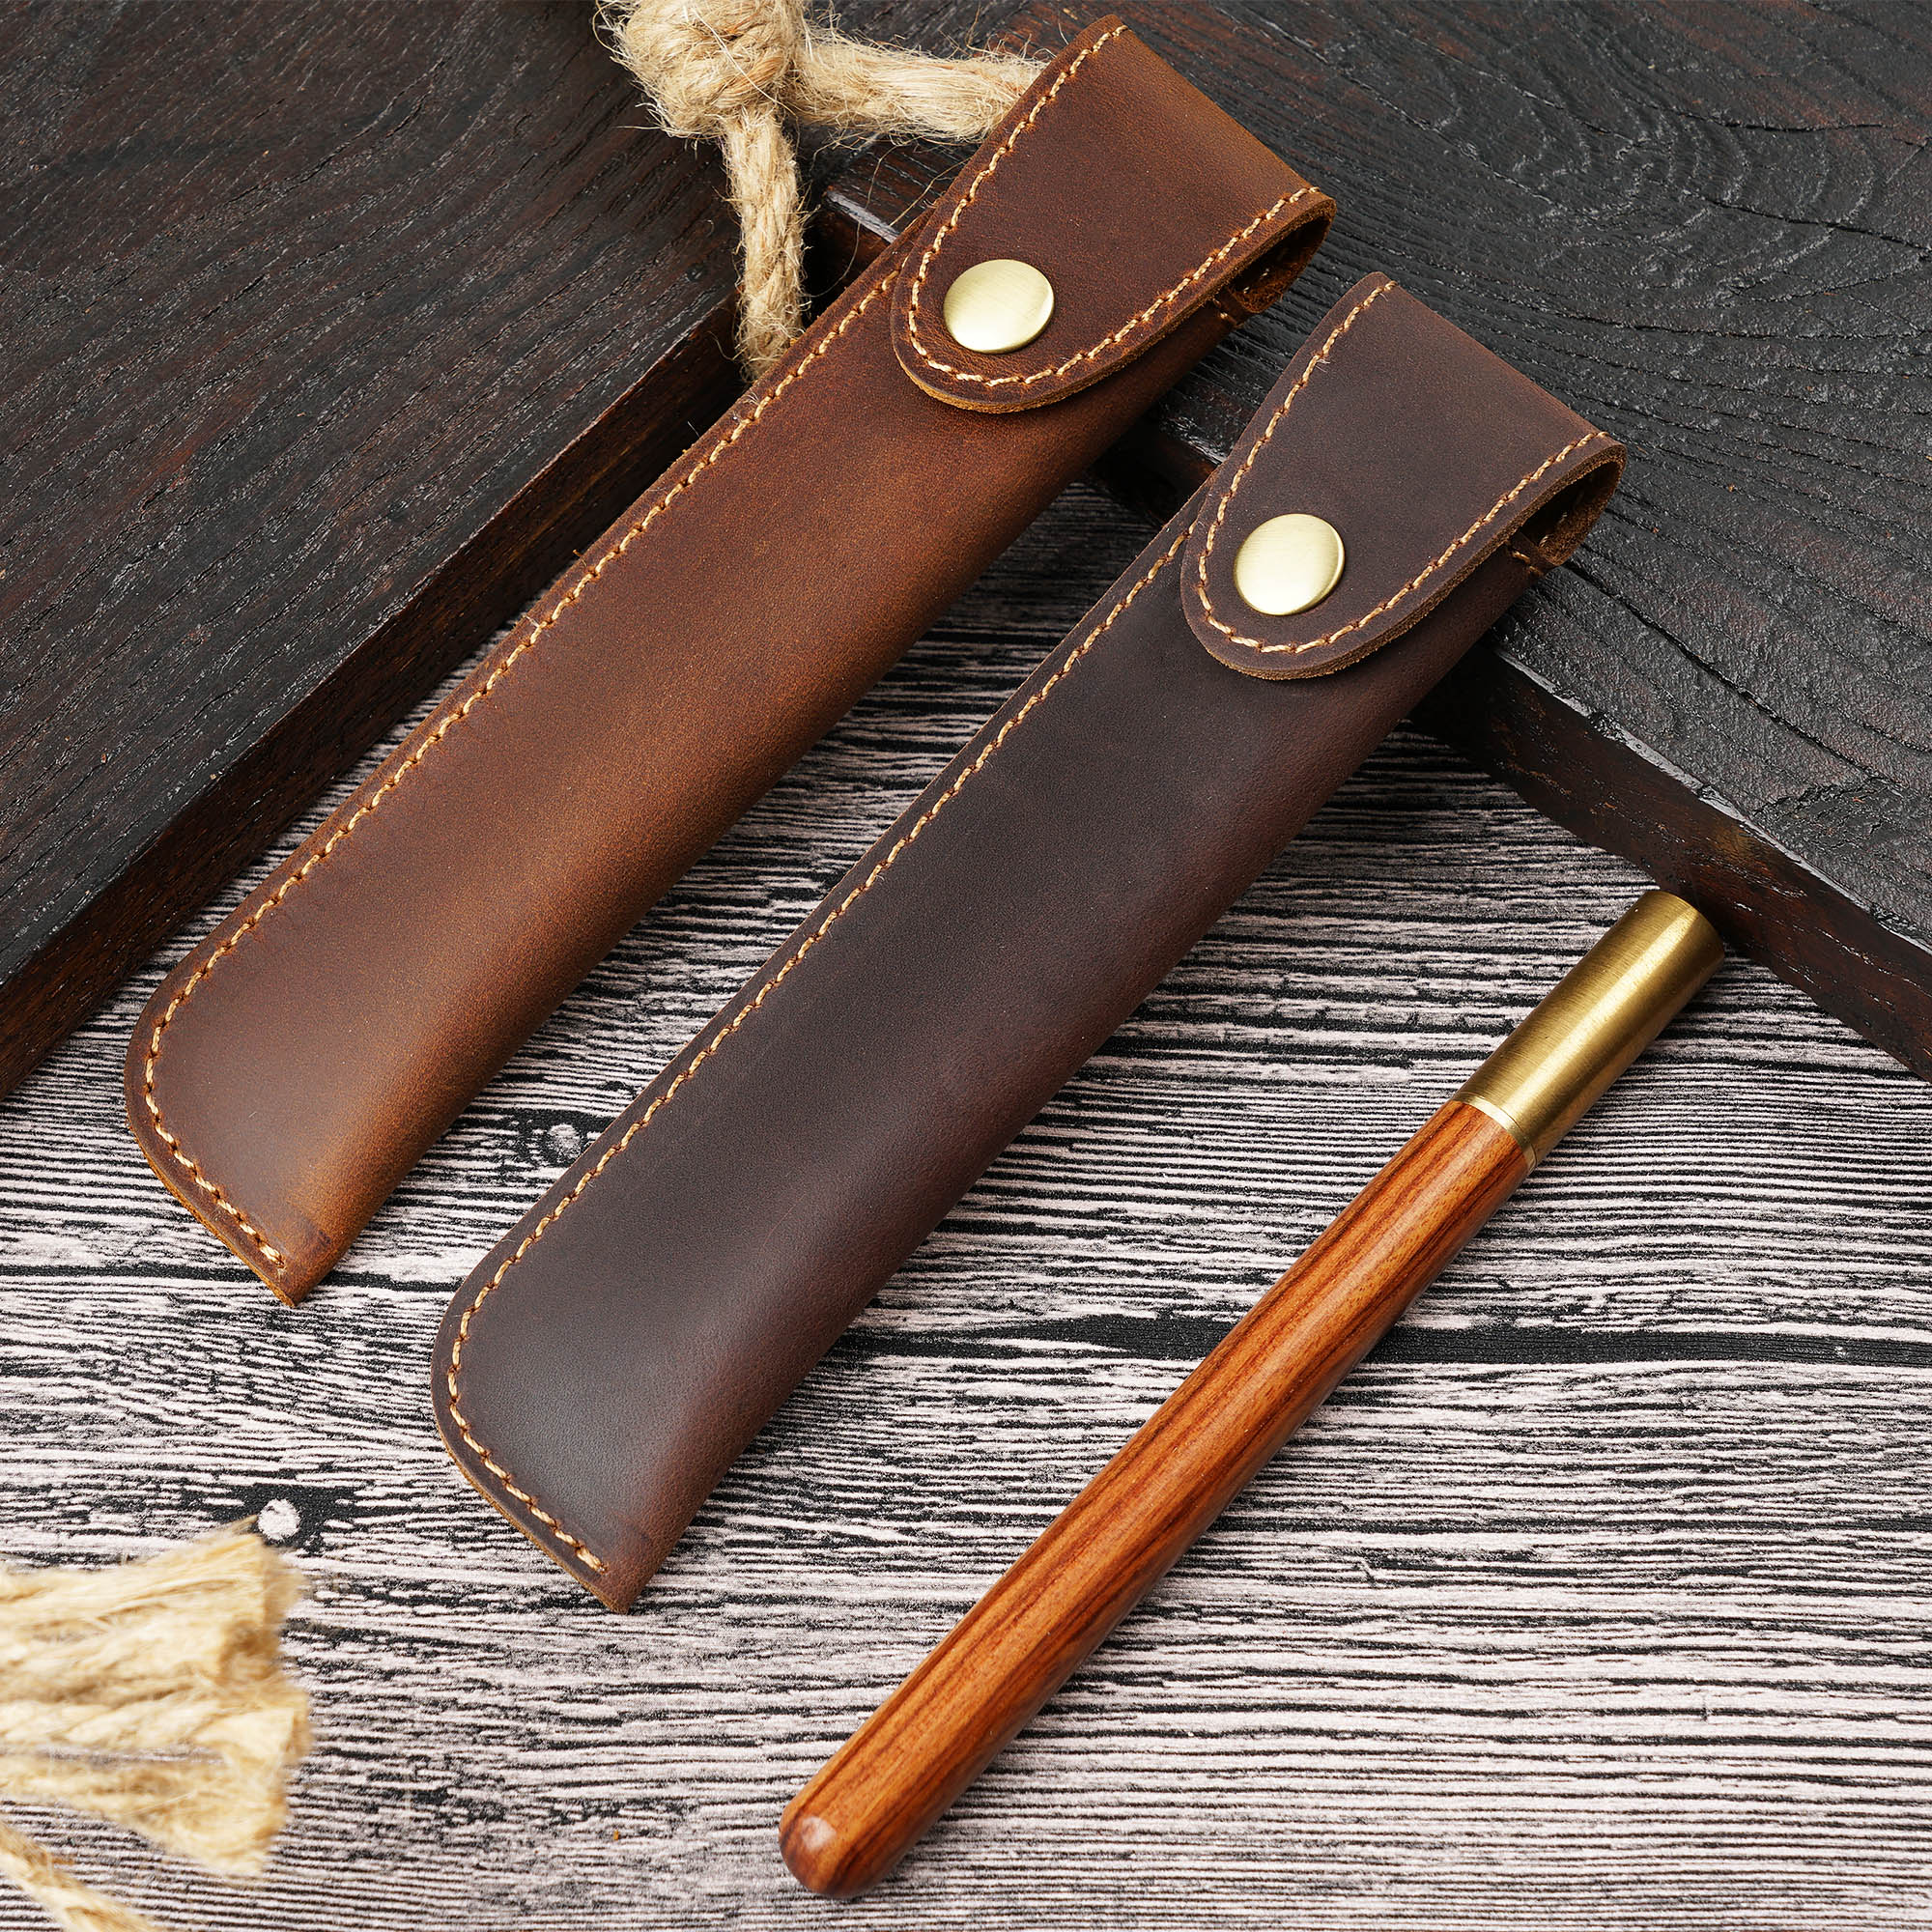 新款纯色头层牛皮手工笔套钢笔�;ぬ浊┳直势ぬ资漳纱�复古笔袋潮